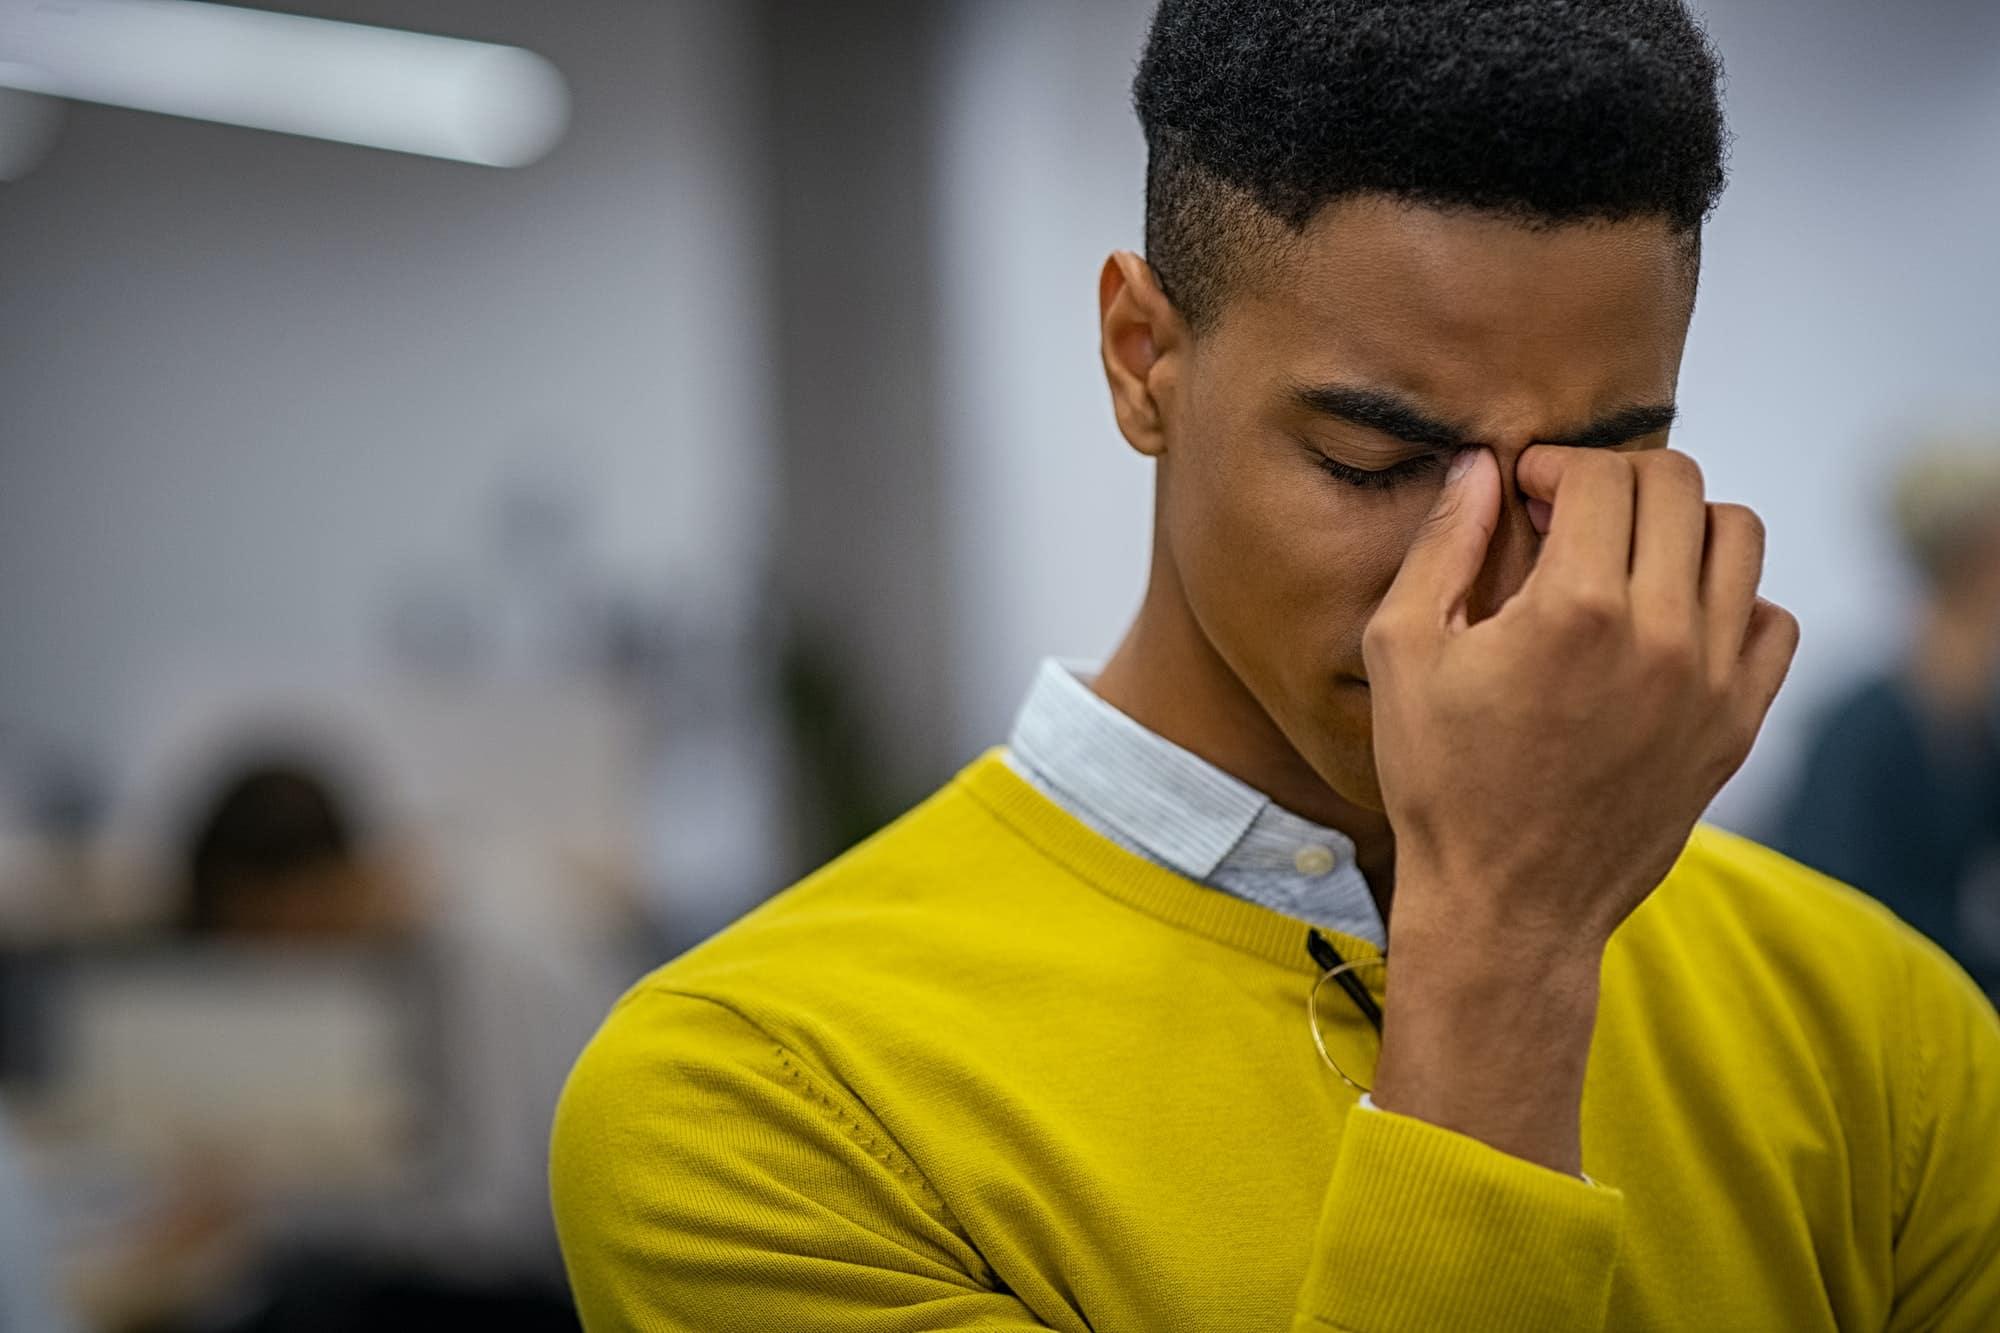 jeune homme stressé a mal à la tête